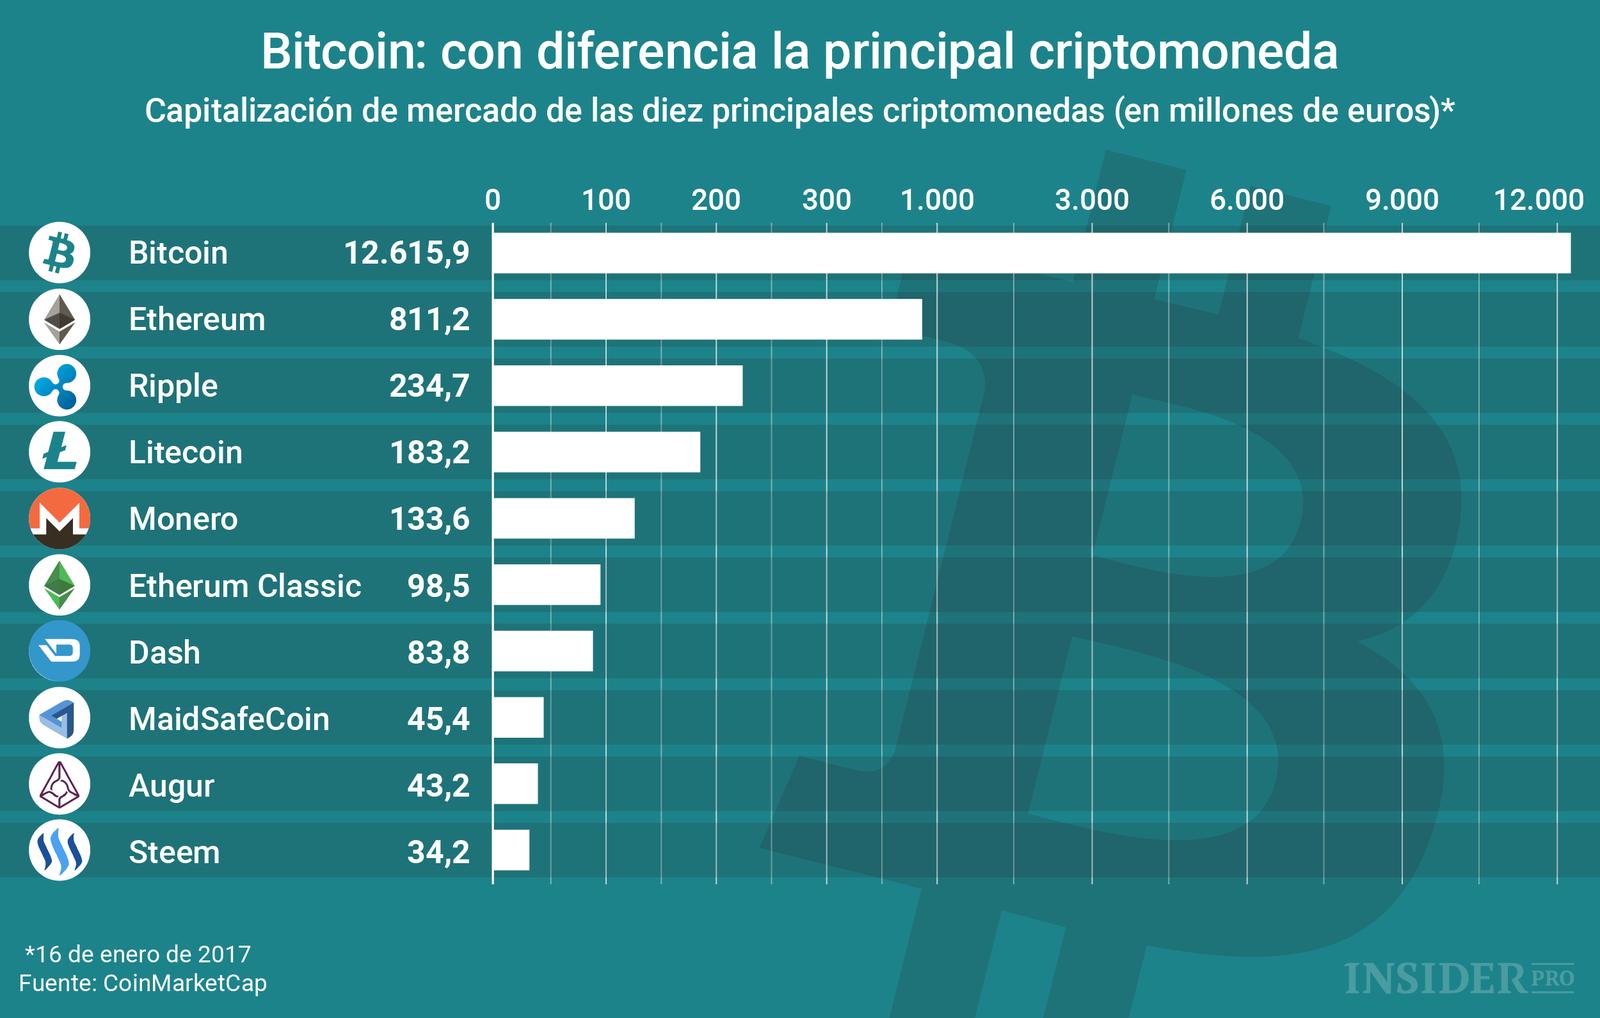 Diferencia en criptomonedas